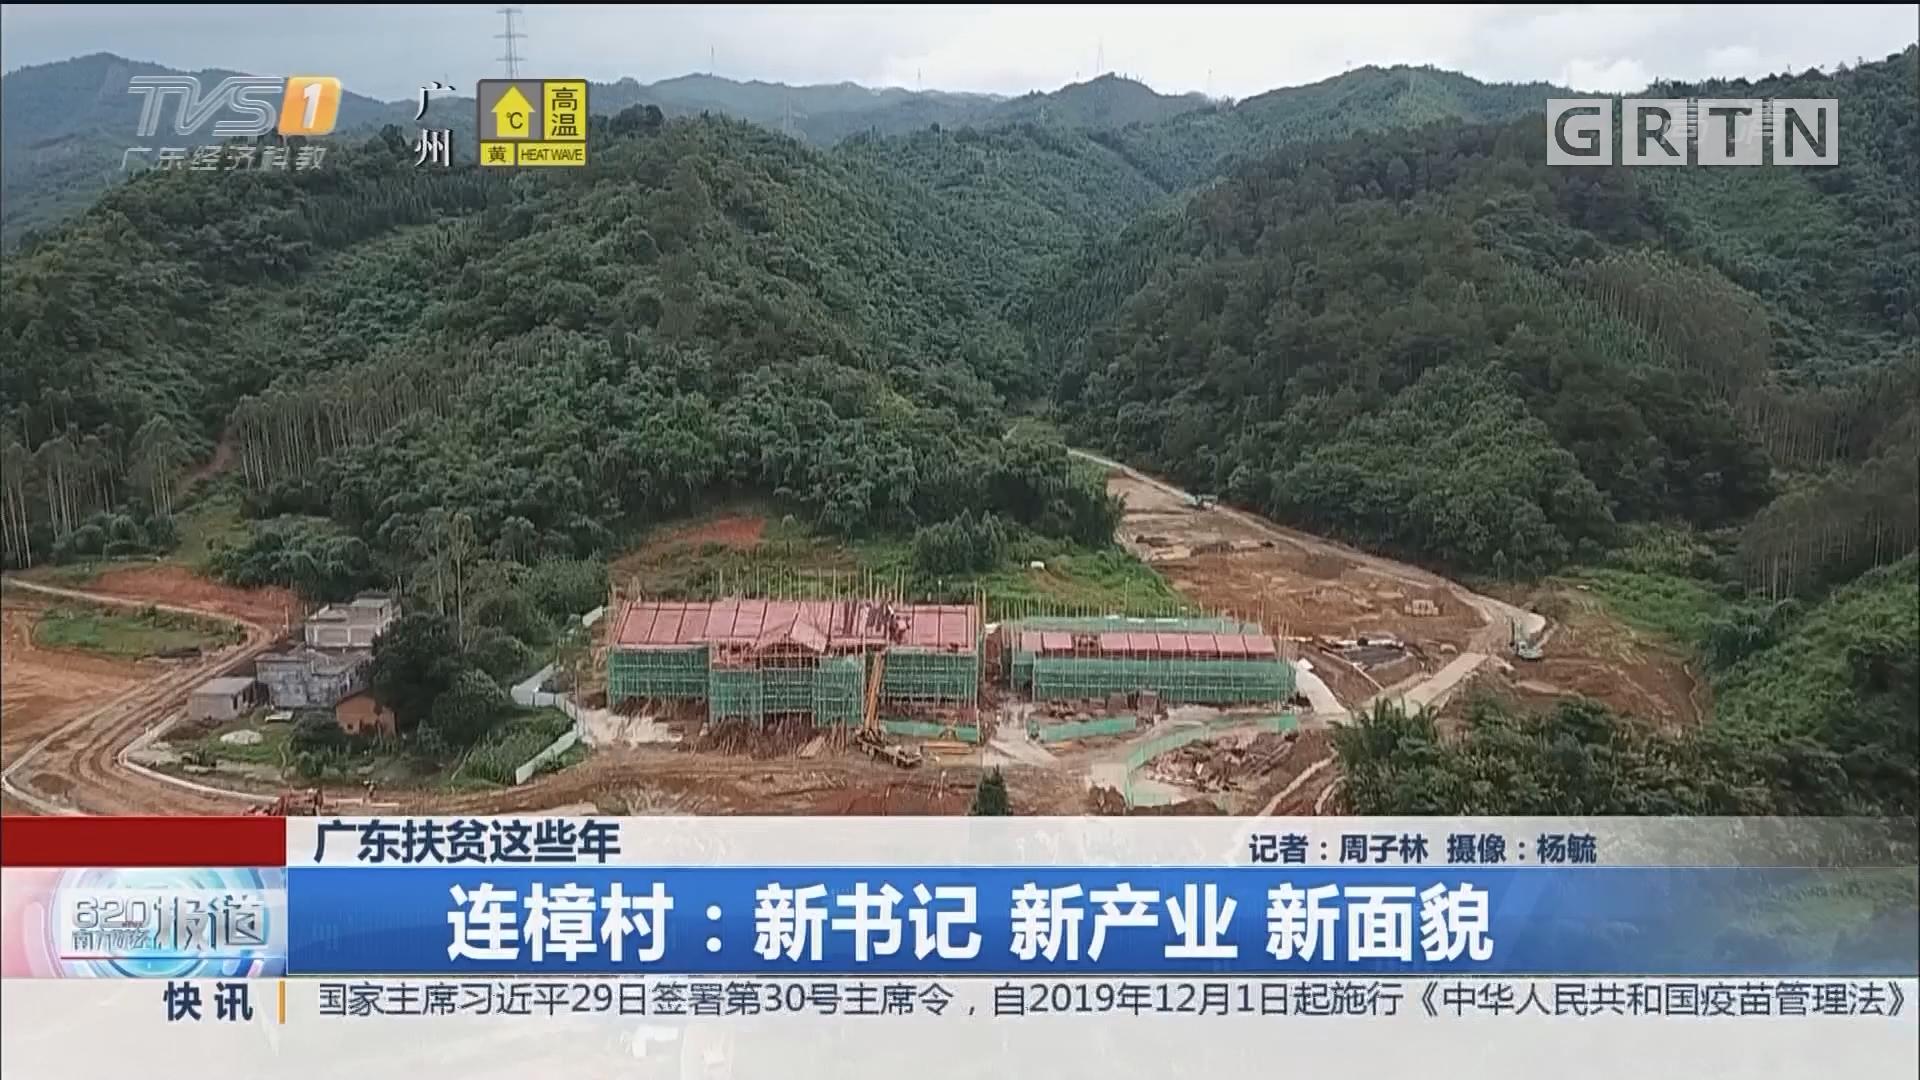 广东扶贫这些年 连樟村:新书记 新产业 新面貌